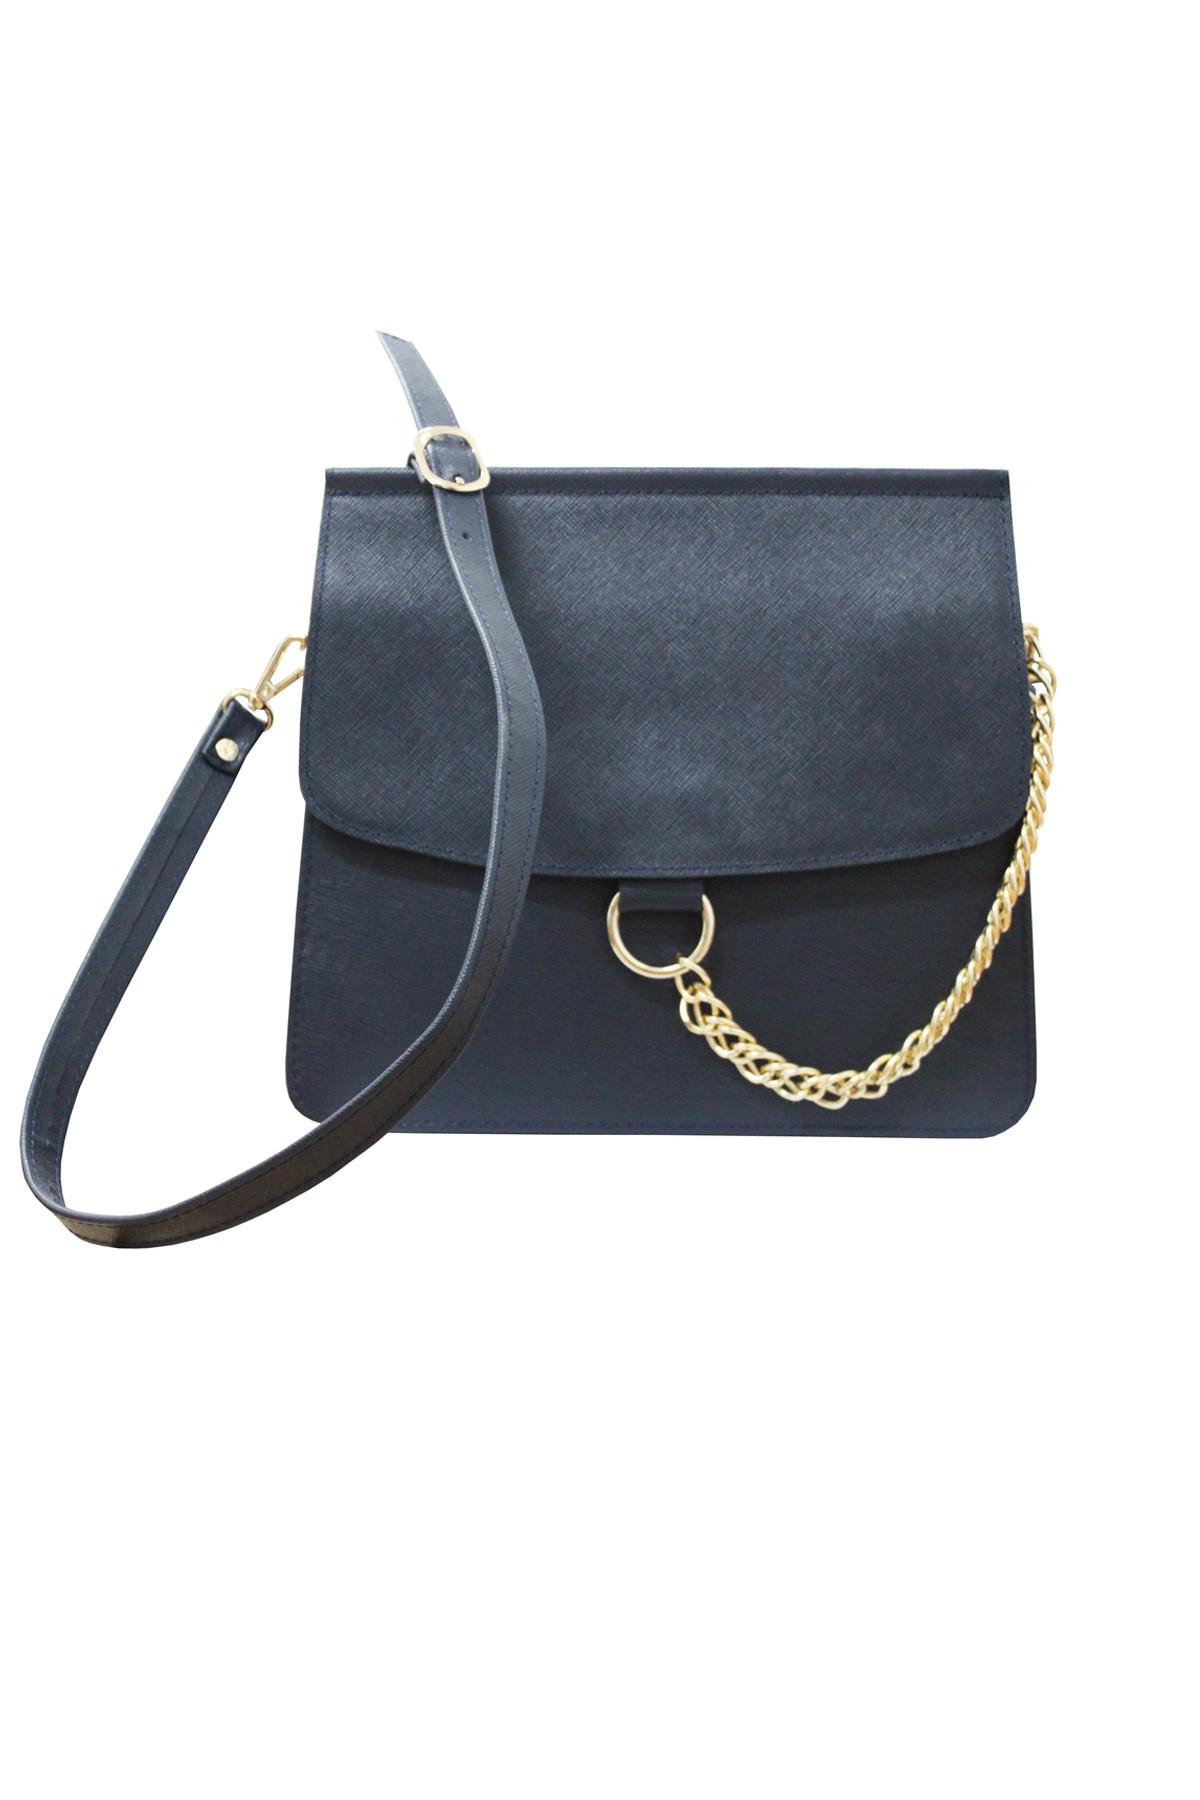 chloe-like-bag